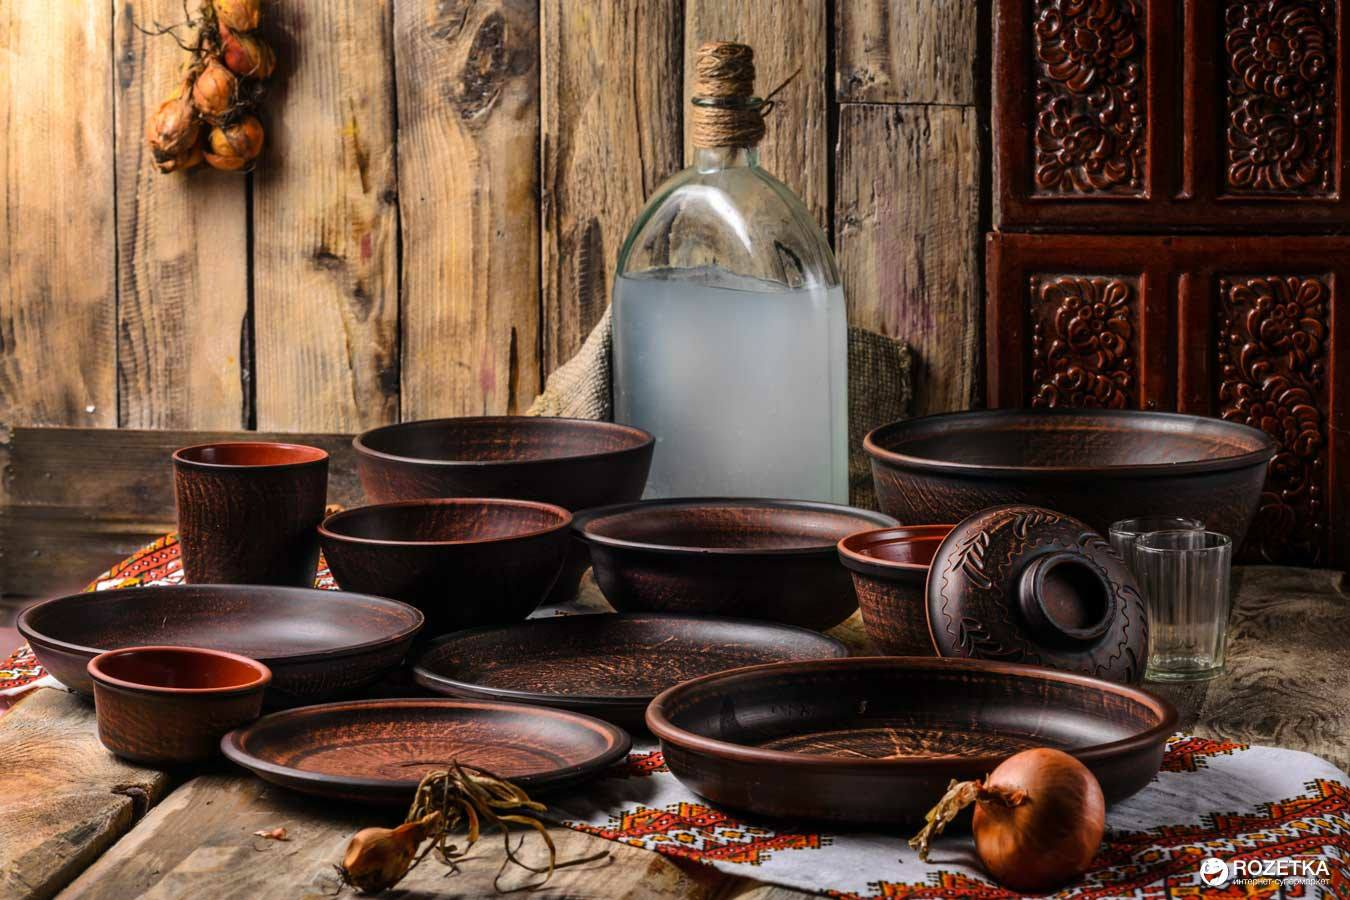 Návod na použití pro keramiku